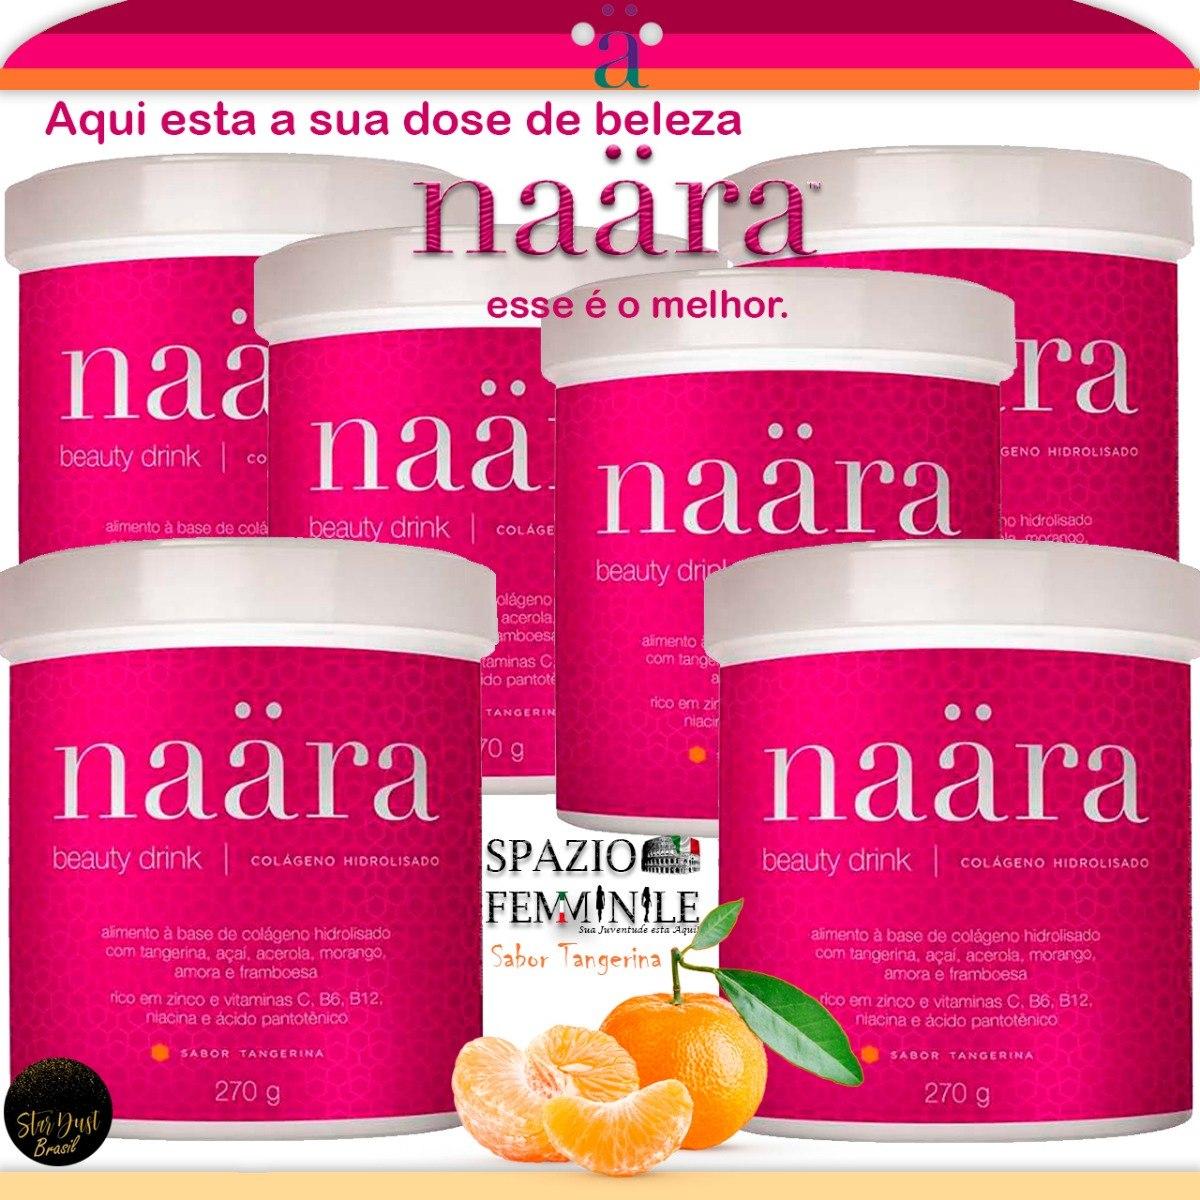 cdad23836 Naara Beauty Drink Colageno Hidrolizado O Melhor 6uni - R  461